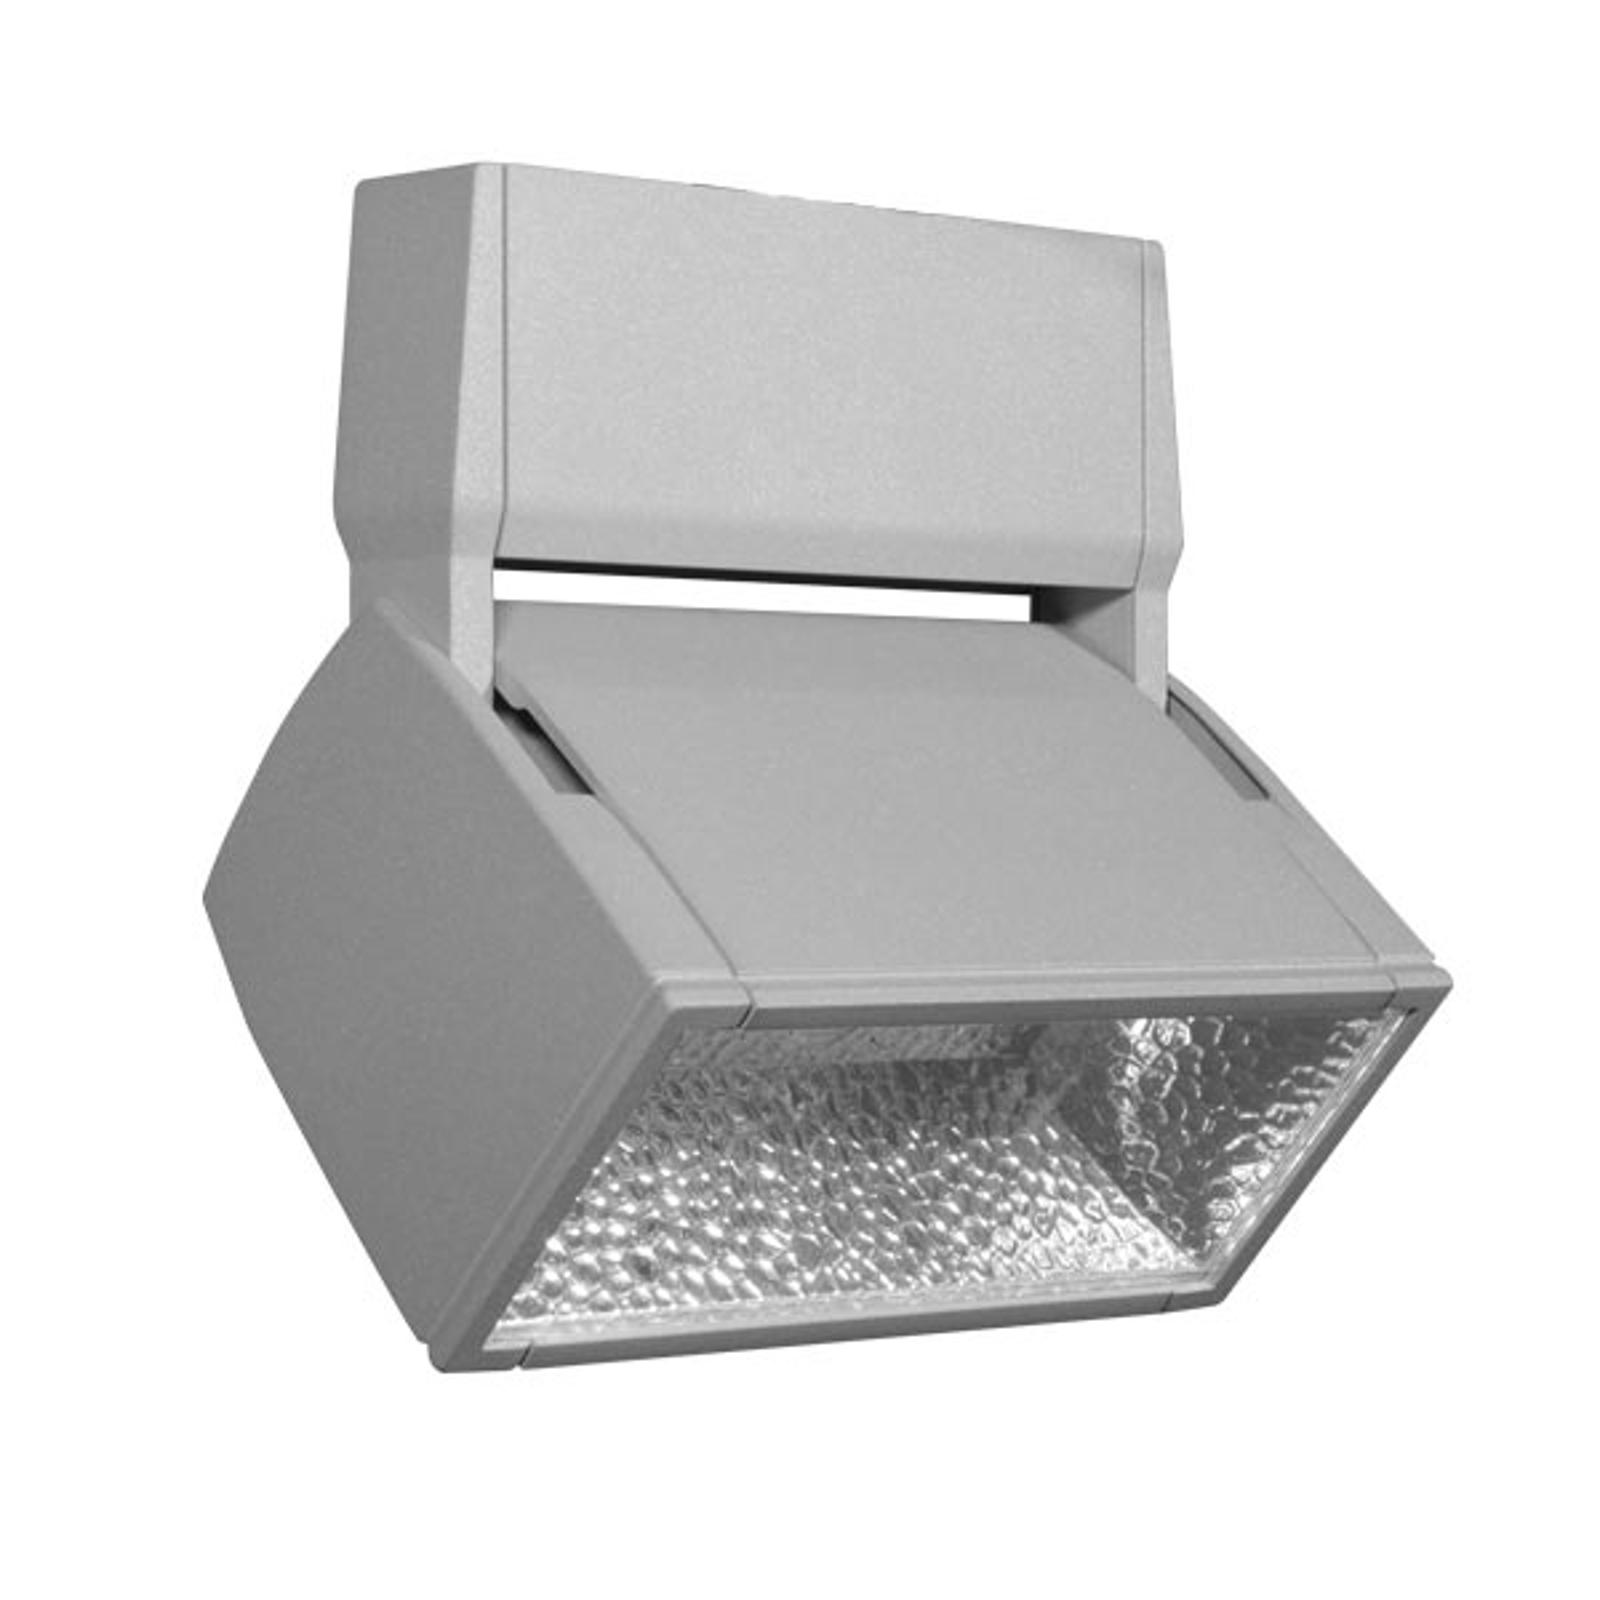 Draaibare LED spot EuroLED, 34 W, 2.700 K